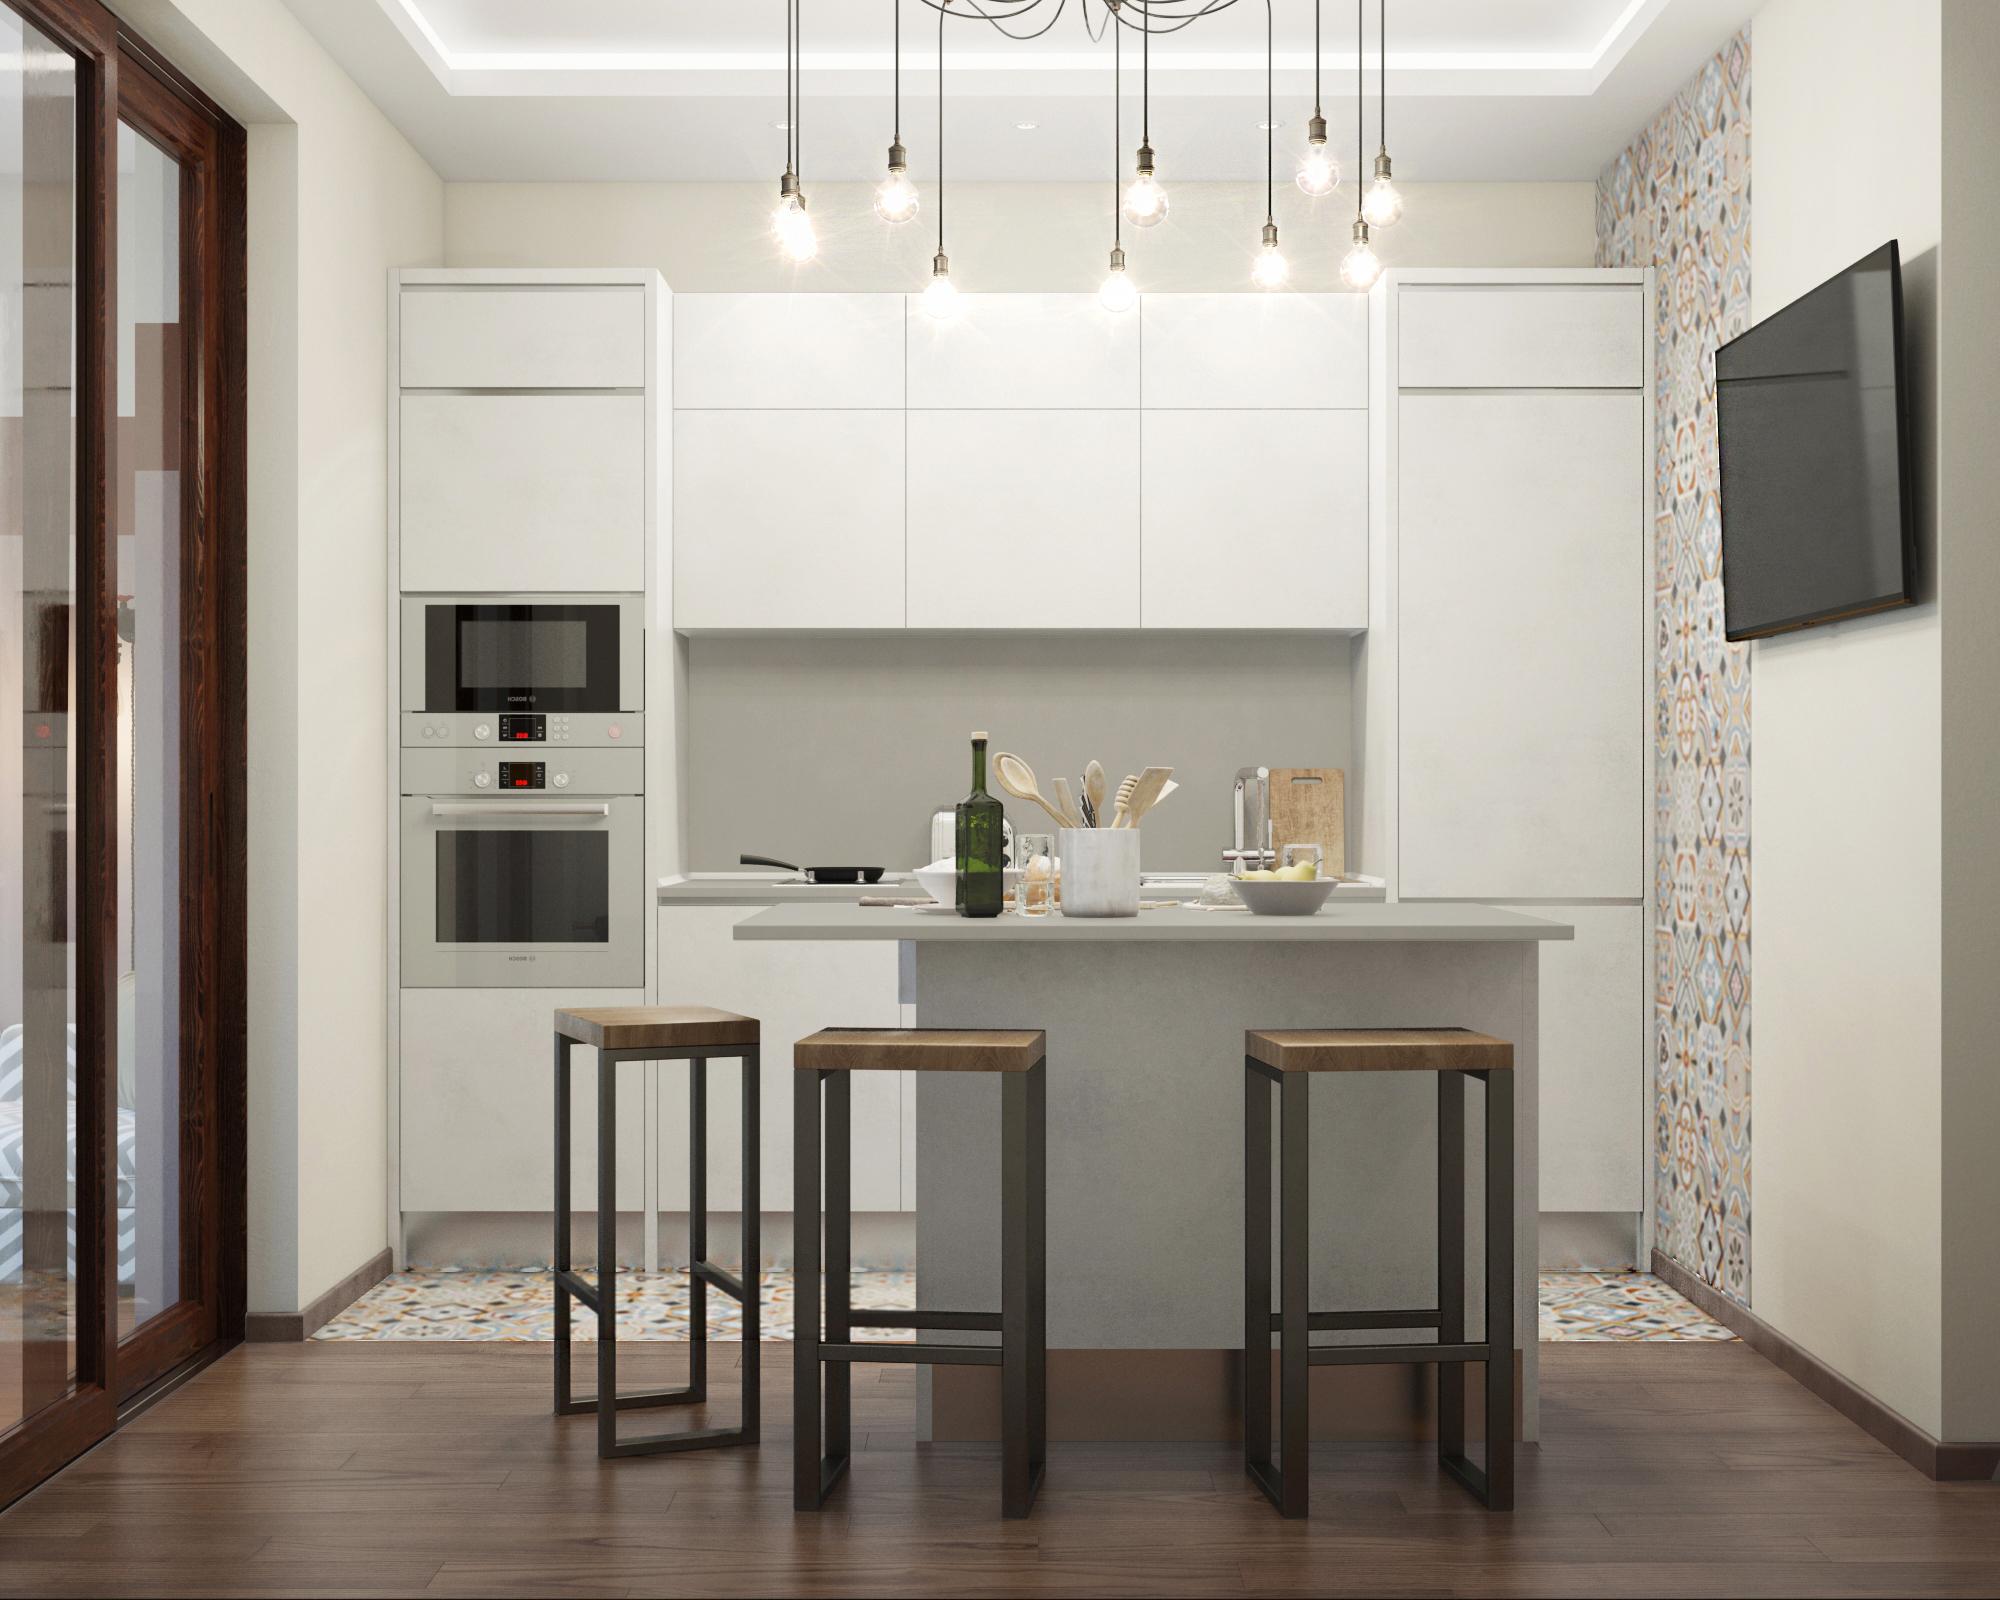 Интерьер 3d кухня дизайн-проект квартиры кухня анна андреева.